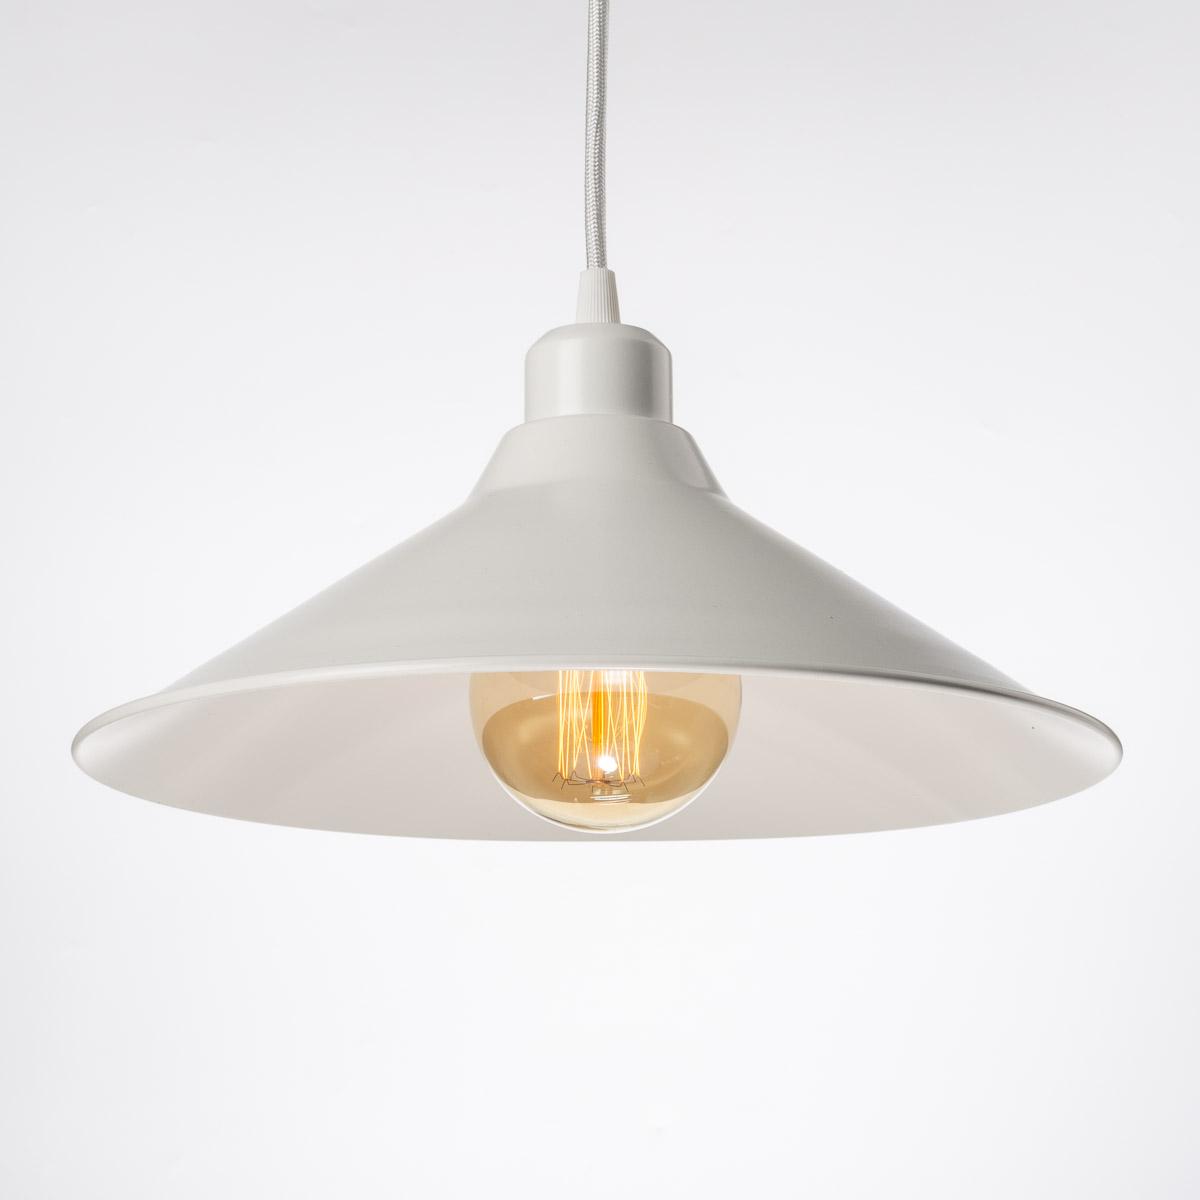 Потолочный светильник Ida белый